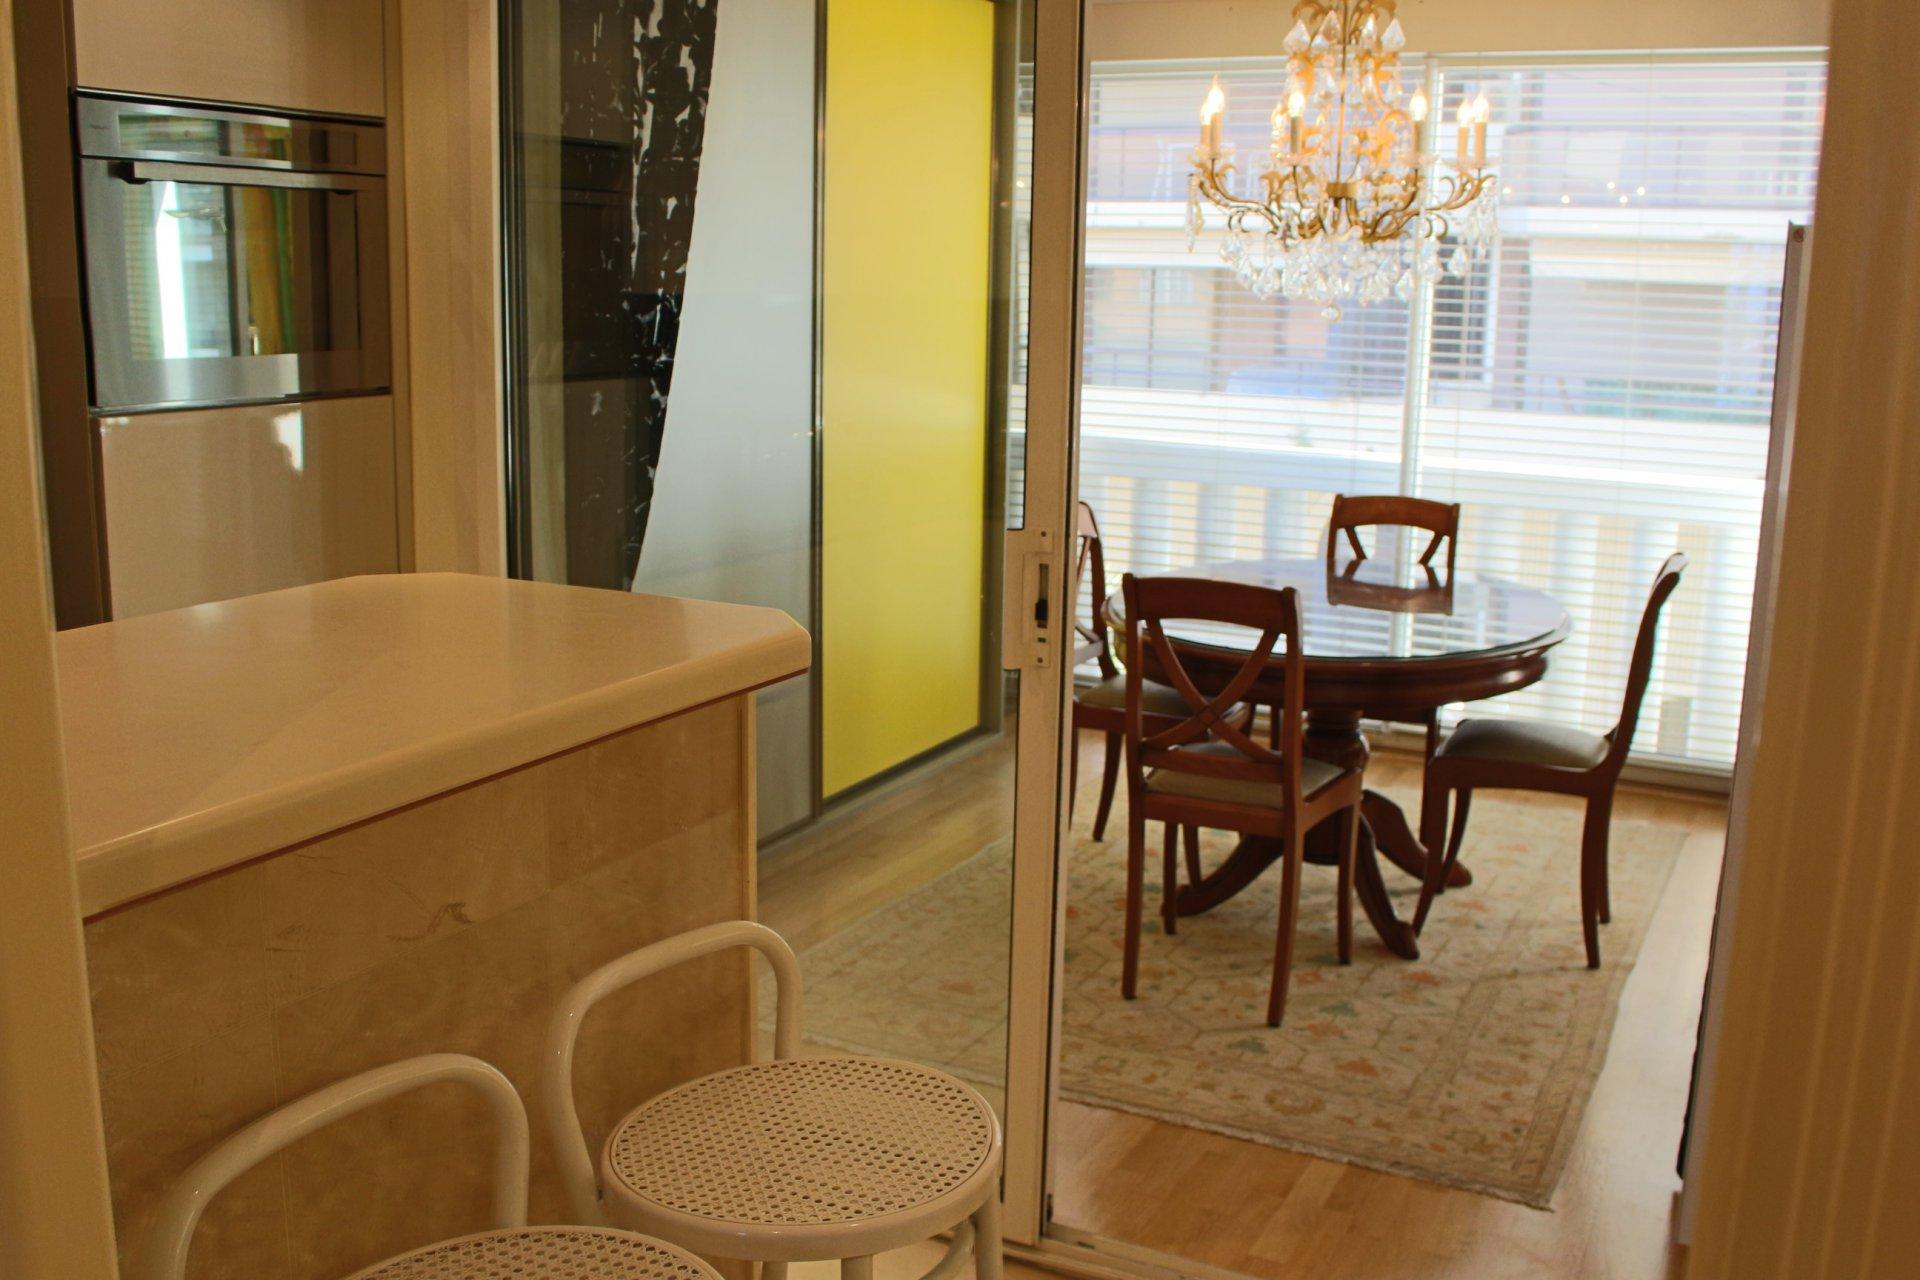 Kitchen bar, chandelier, stainless steel